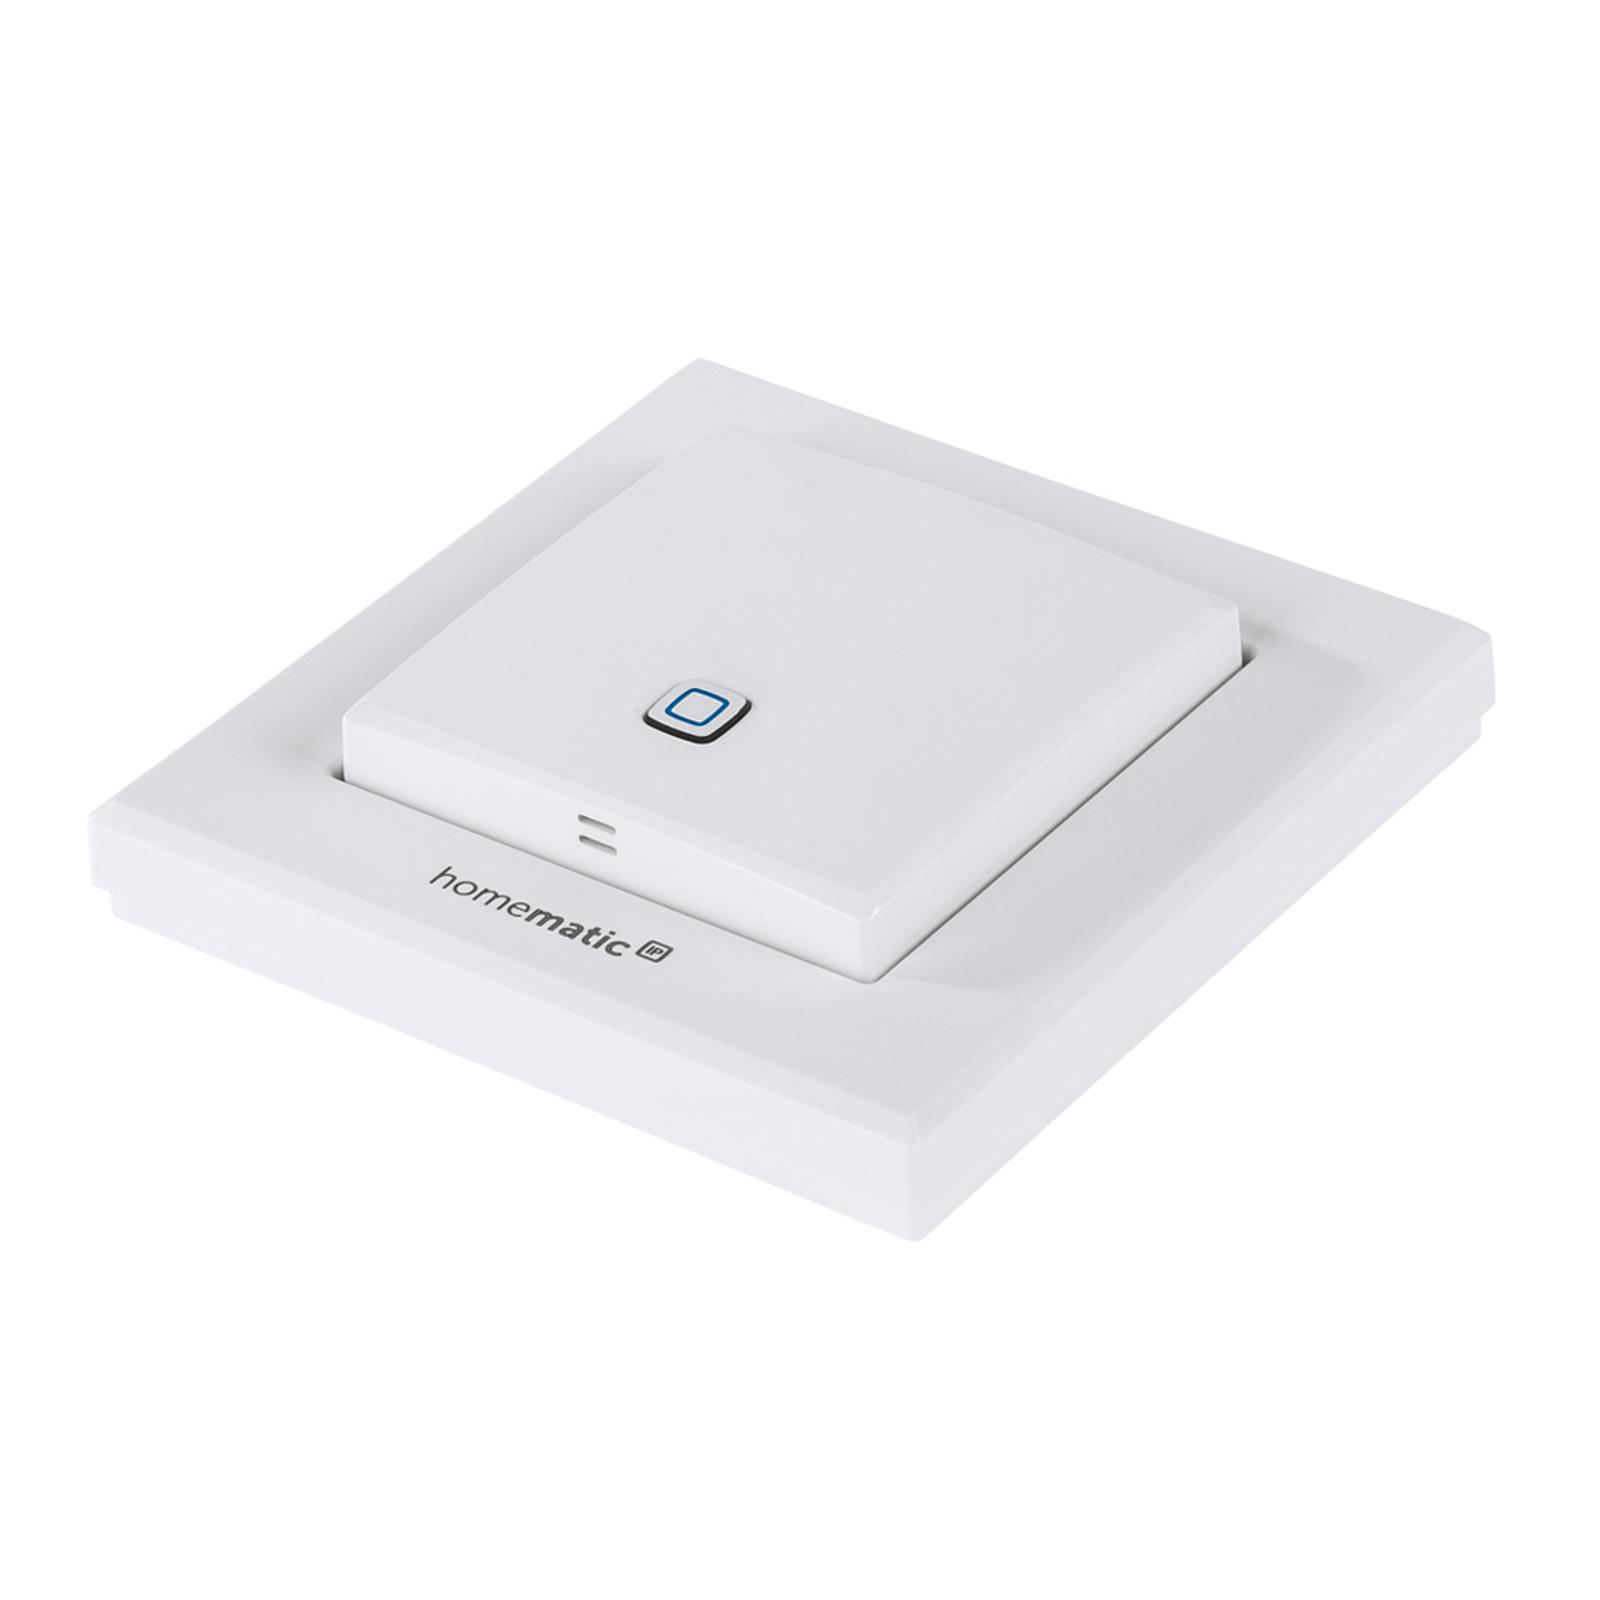 Homematic IP lämpötila-/ilmankosteusanturi, sisä